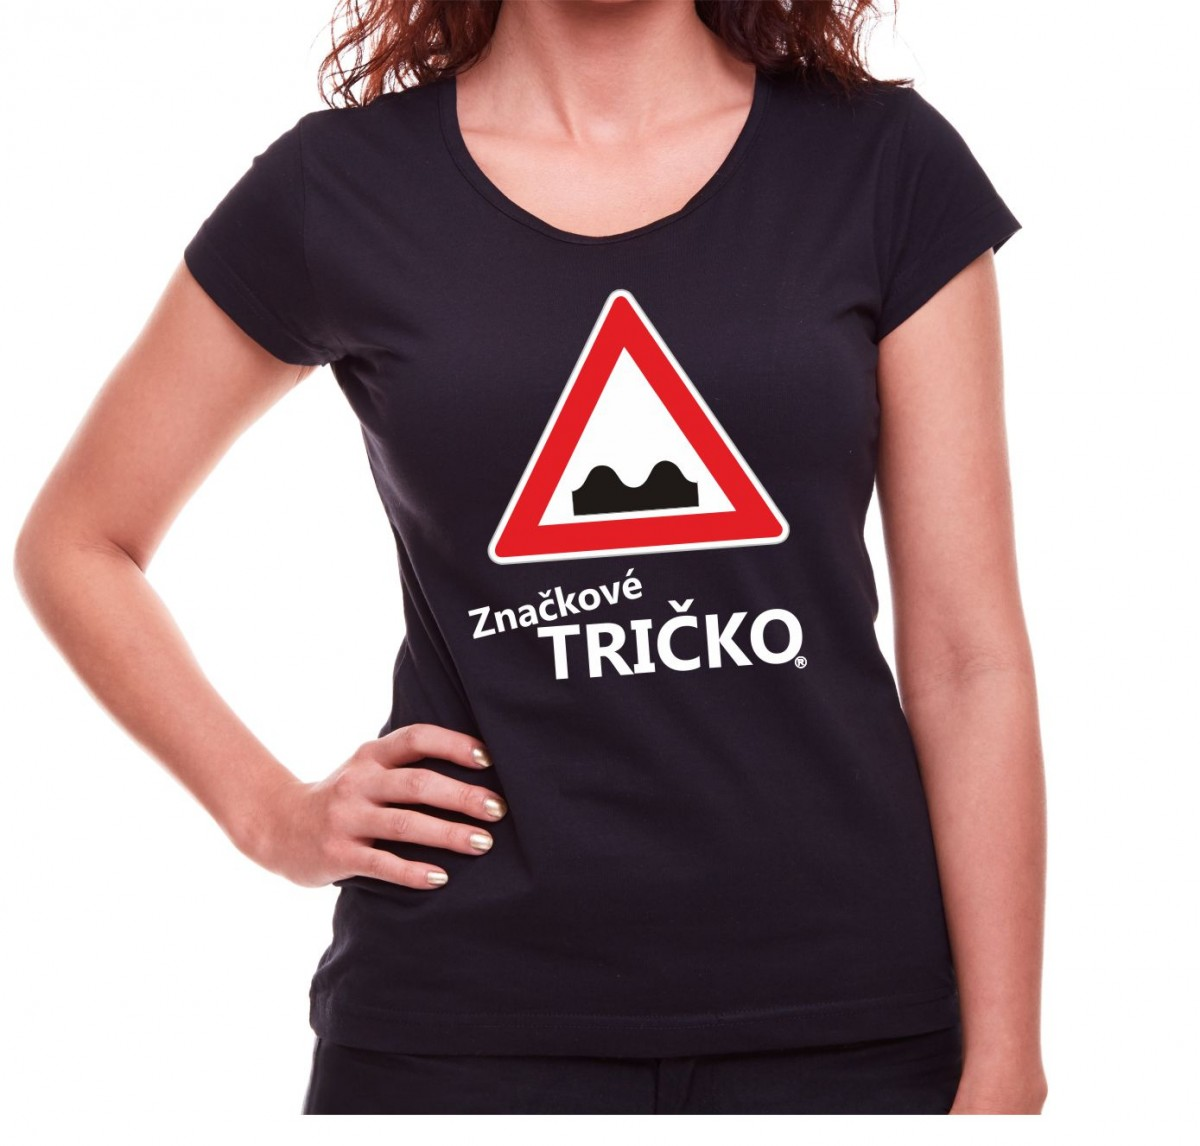 0e4642cbeb7b Dámske značkové tričko s potlačou - Nerovnosť vozovky ǀ Fajntričko.sk